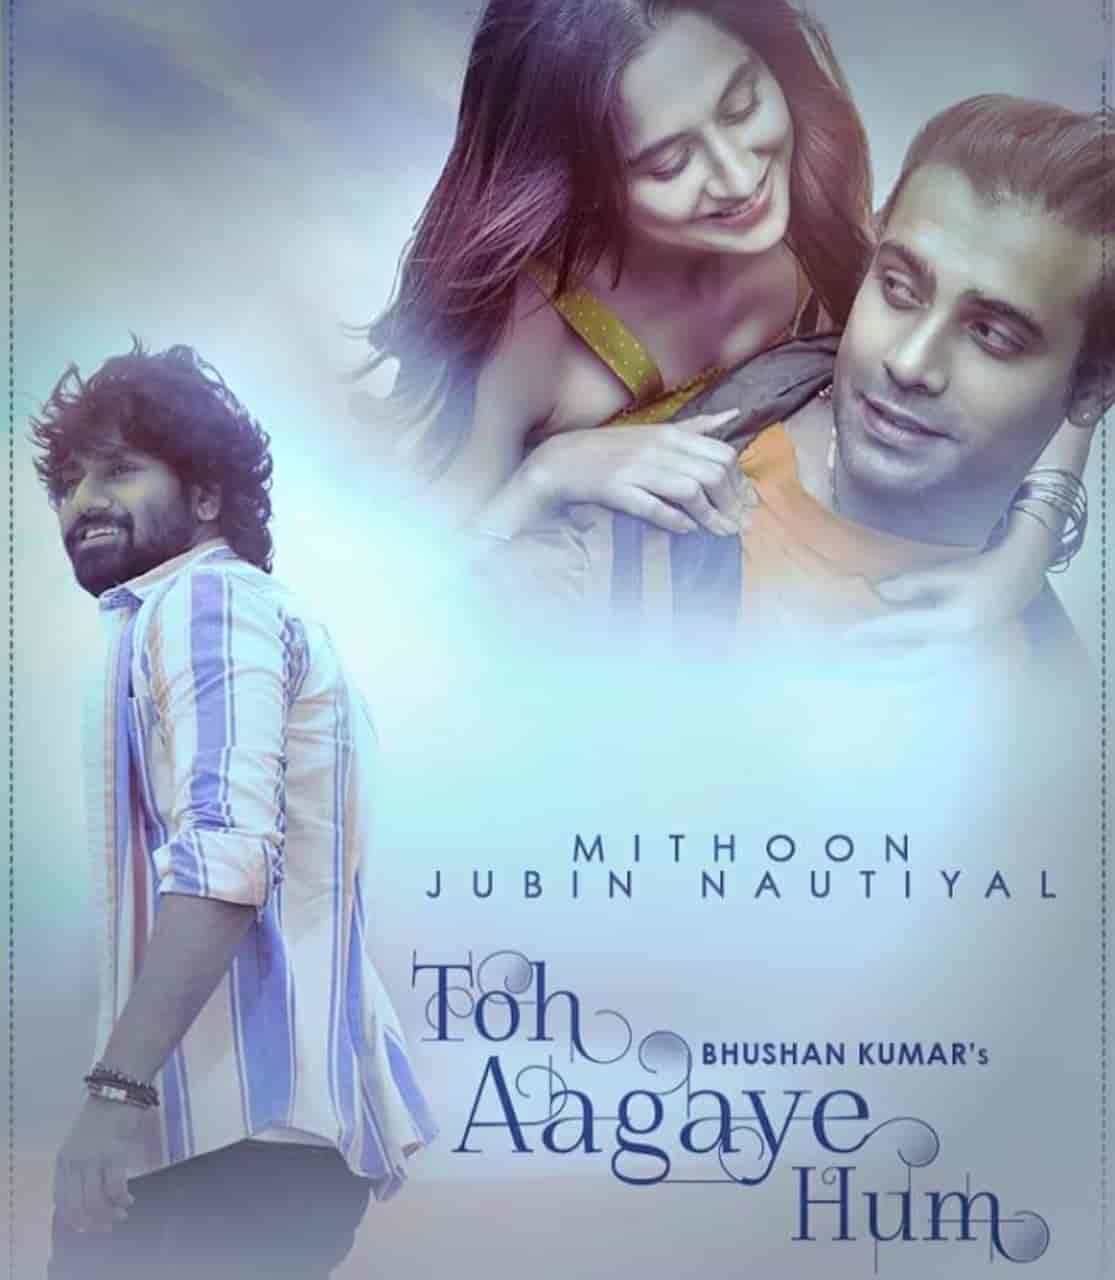 Toh Aagaye Hum Hindi Song Image Features Jubin Nautiyal And Sanjeeda Shaikh